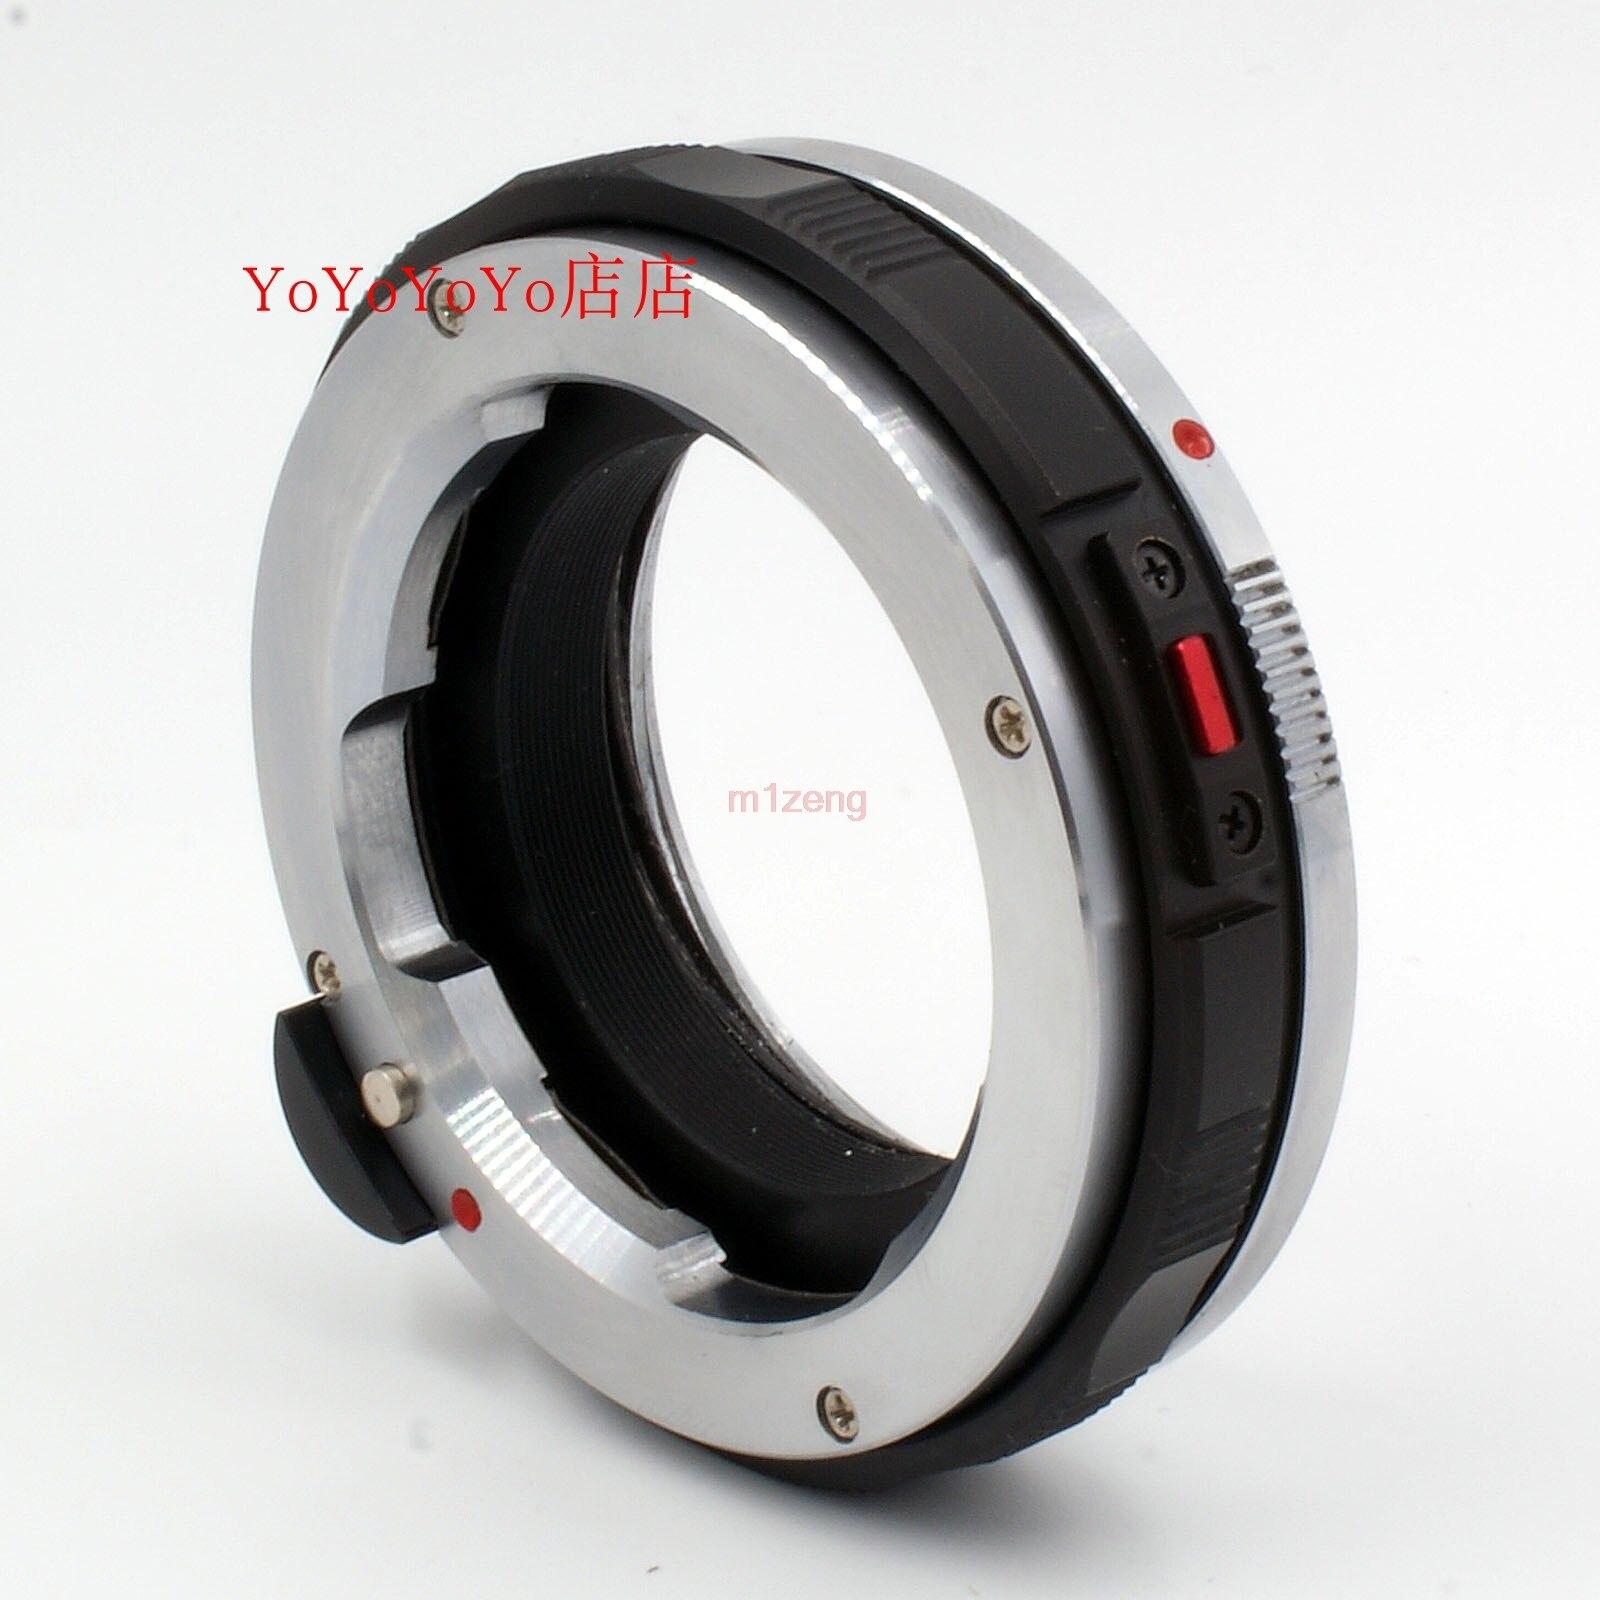 LM m objectif à NEX E monture adaptateur d'objectif bague Macro mise au point hélicoïdal pour NEX5/6/7 a7 a7r a7r2 a7s a9 a5000 a6300 a6500 caméra